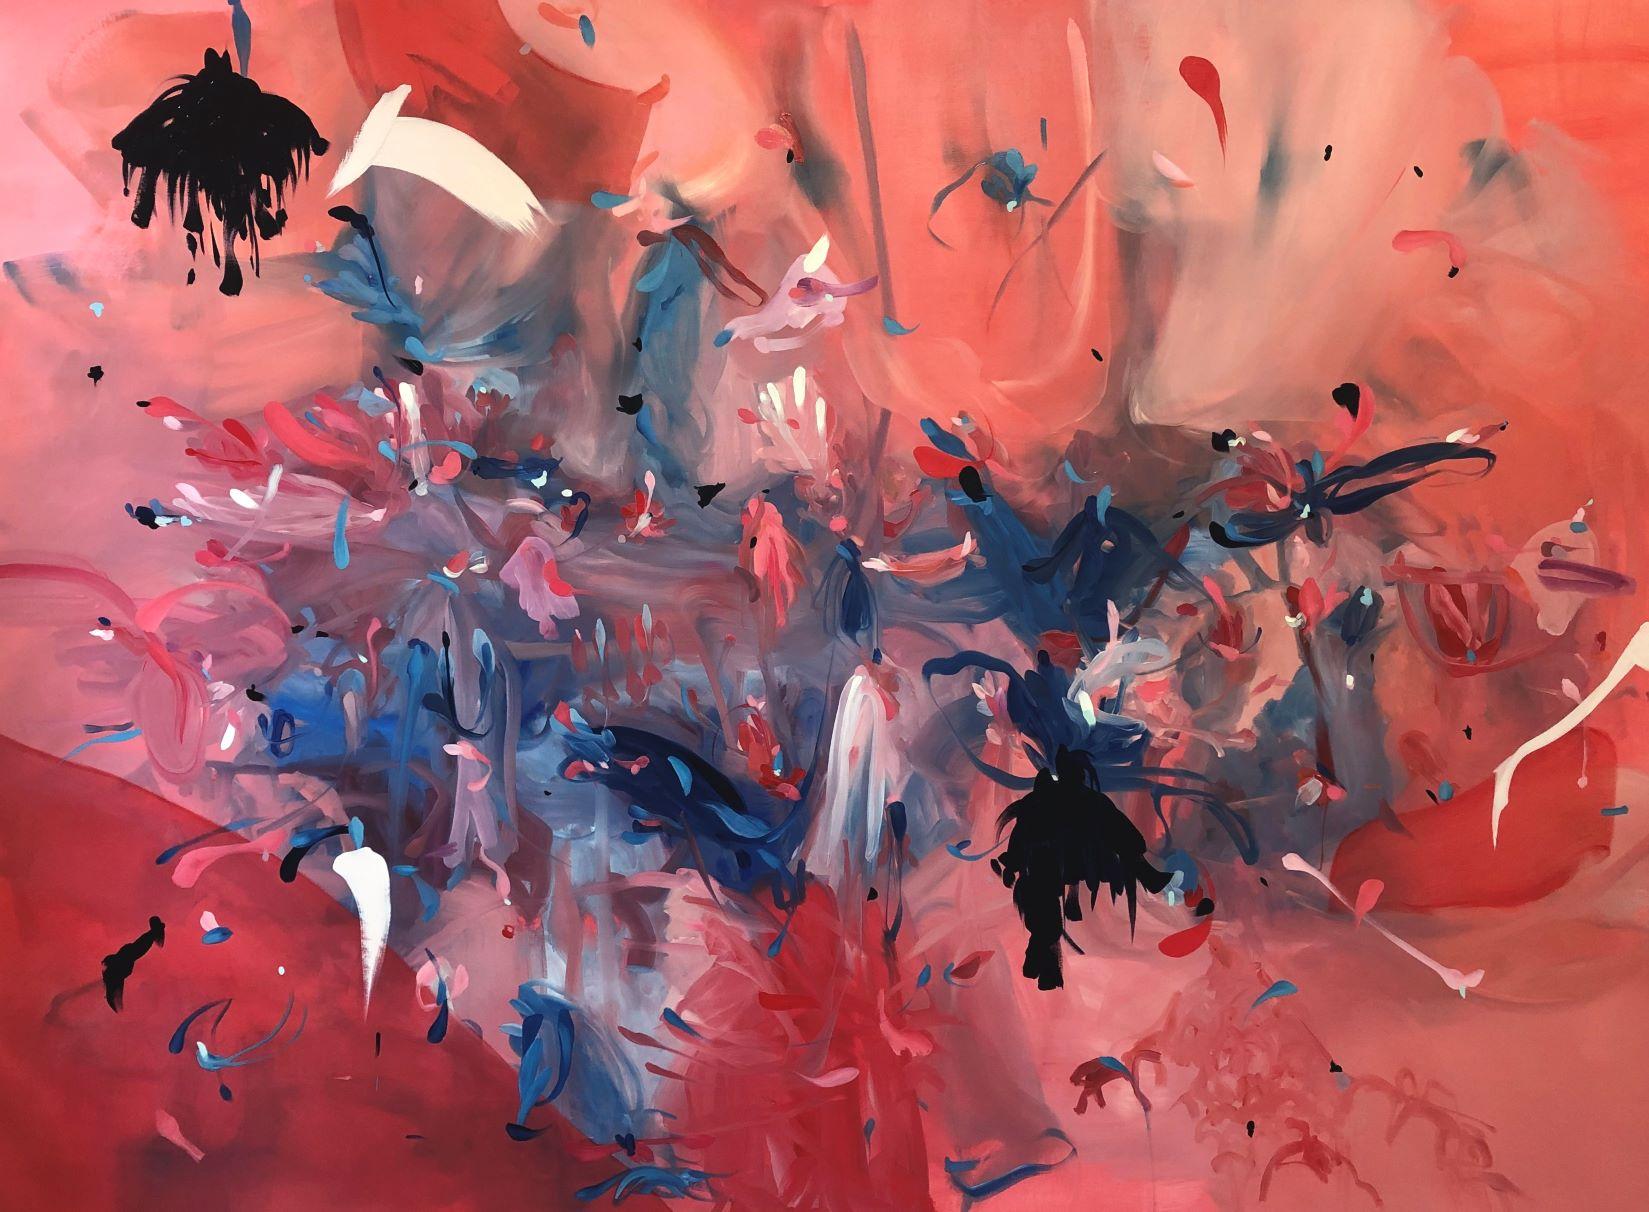 Arte balsamo della psiche. La quarantena degli artisti, Elisa Muliere